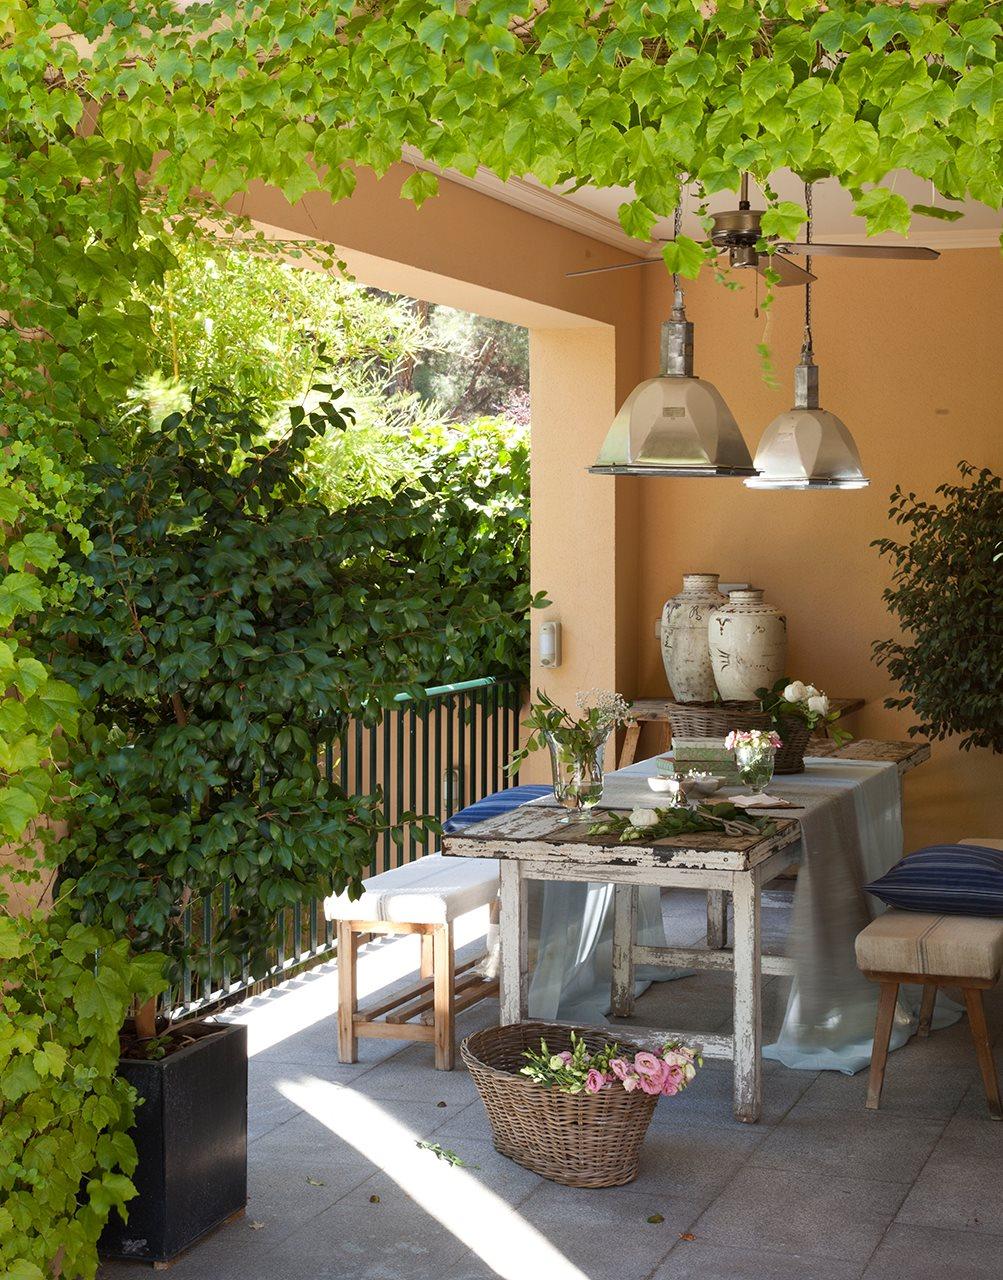 Los 15 mejores comedores de exterior - Comedor terraza ...